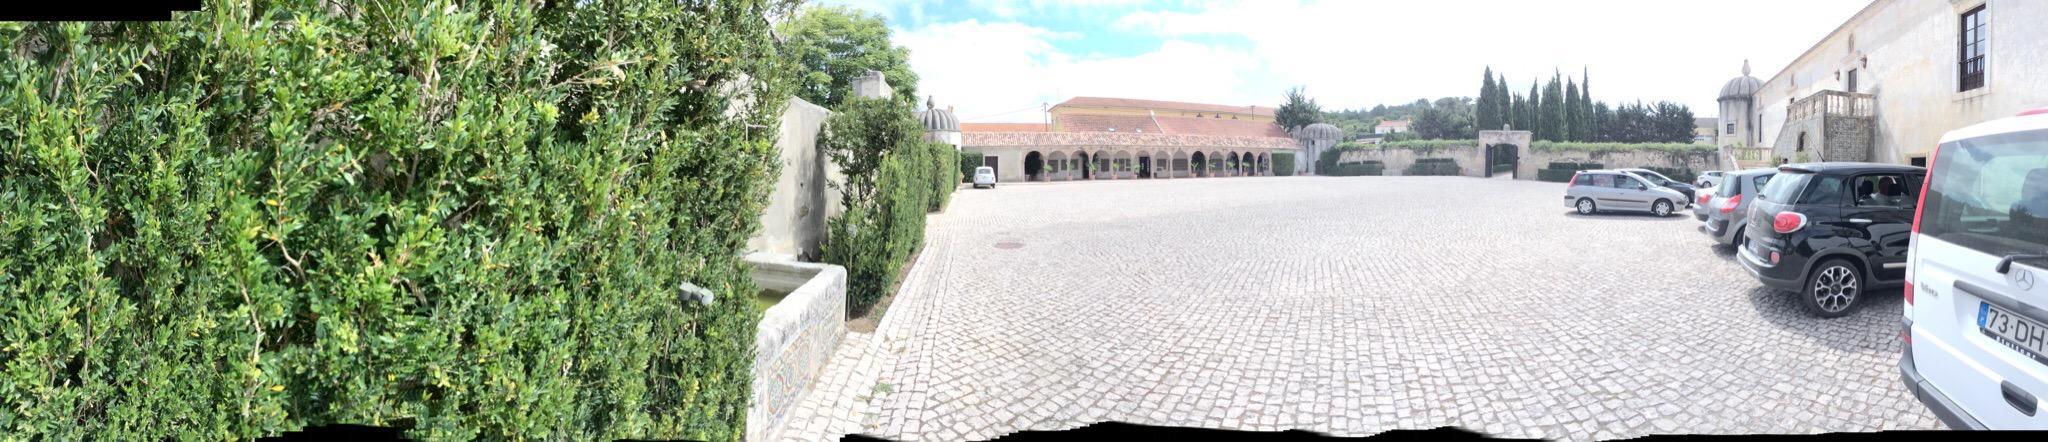 Vila Nogueira de Azeitao